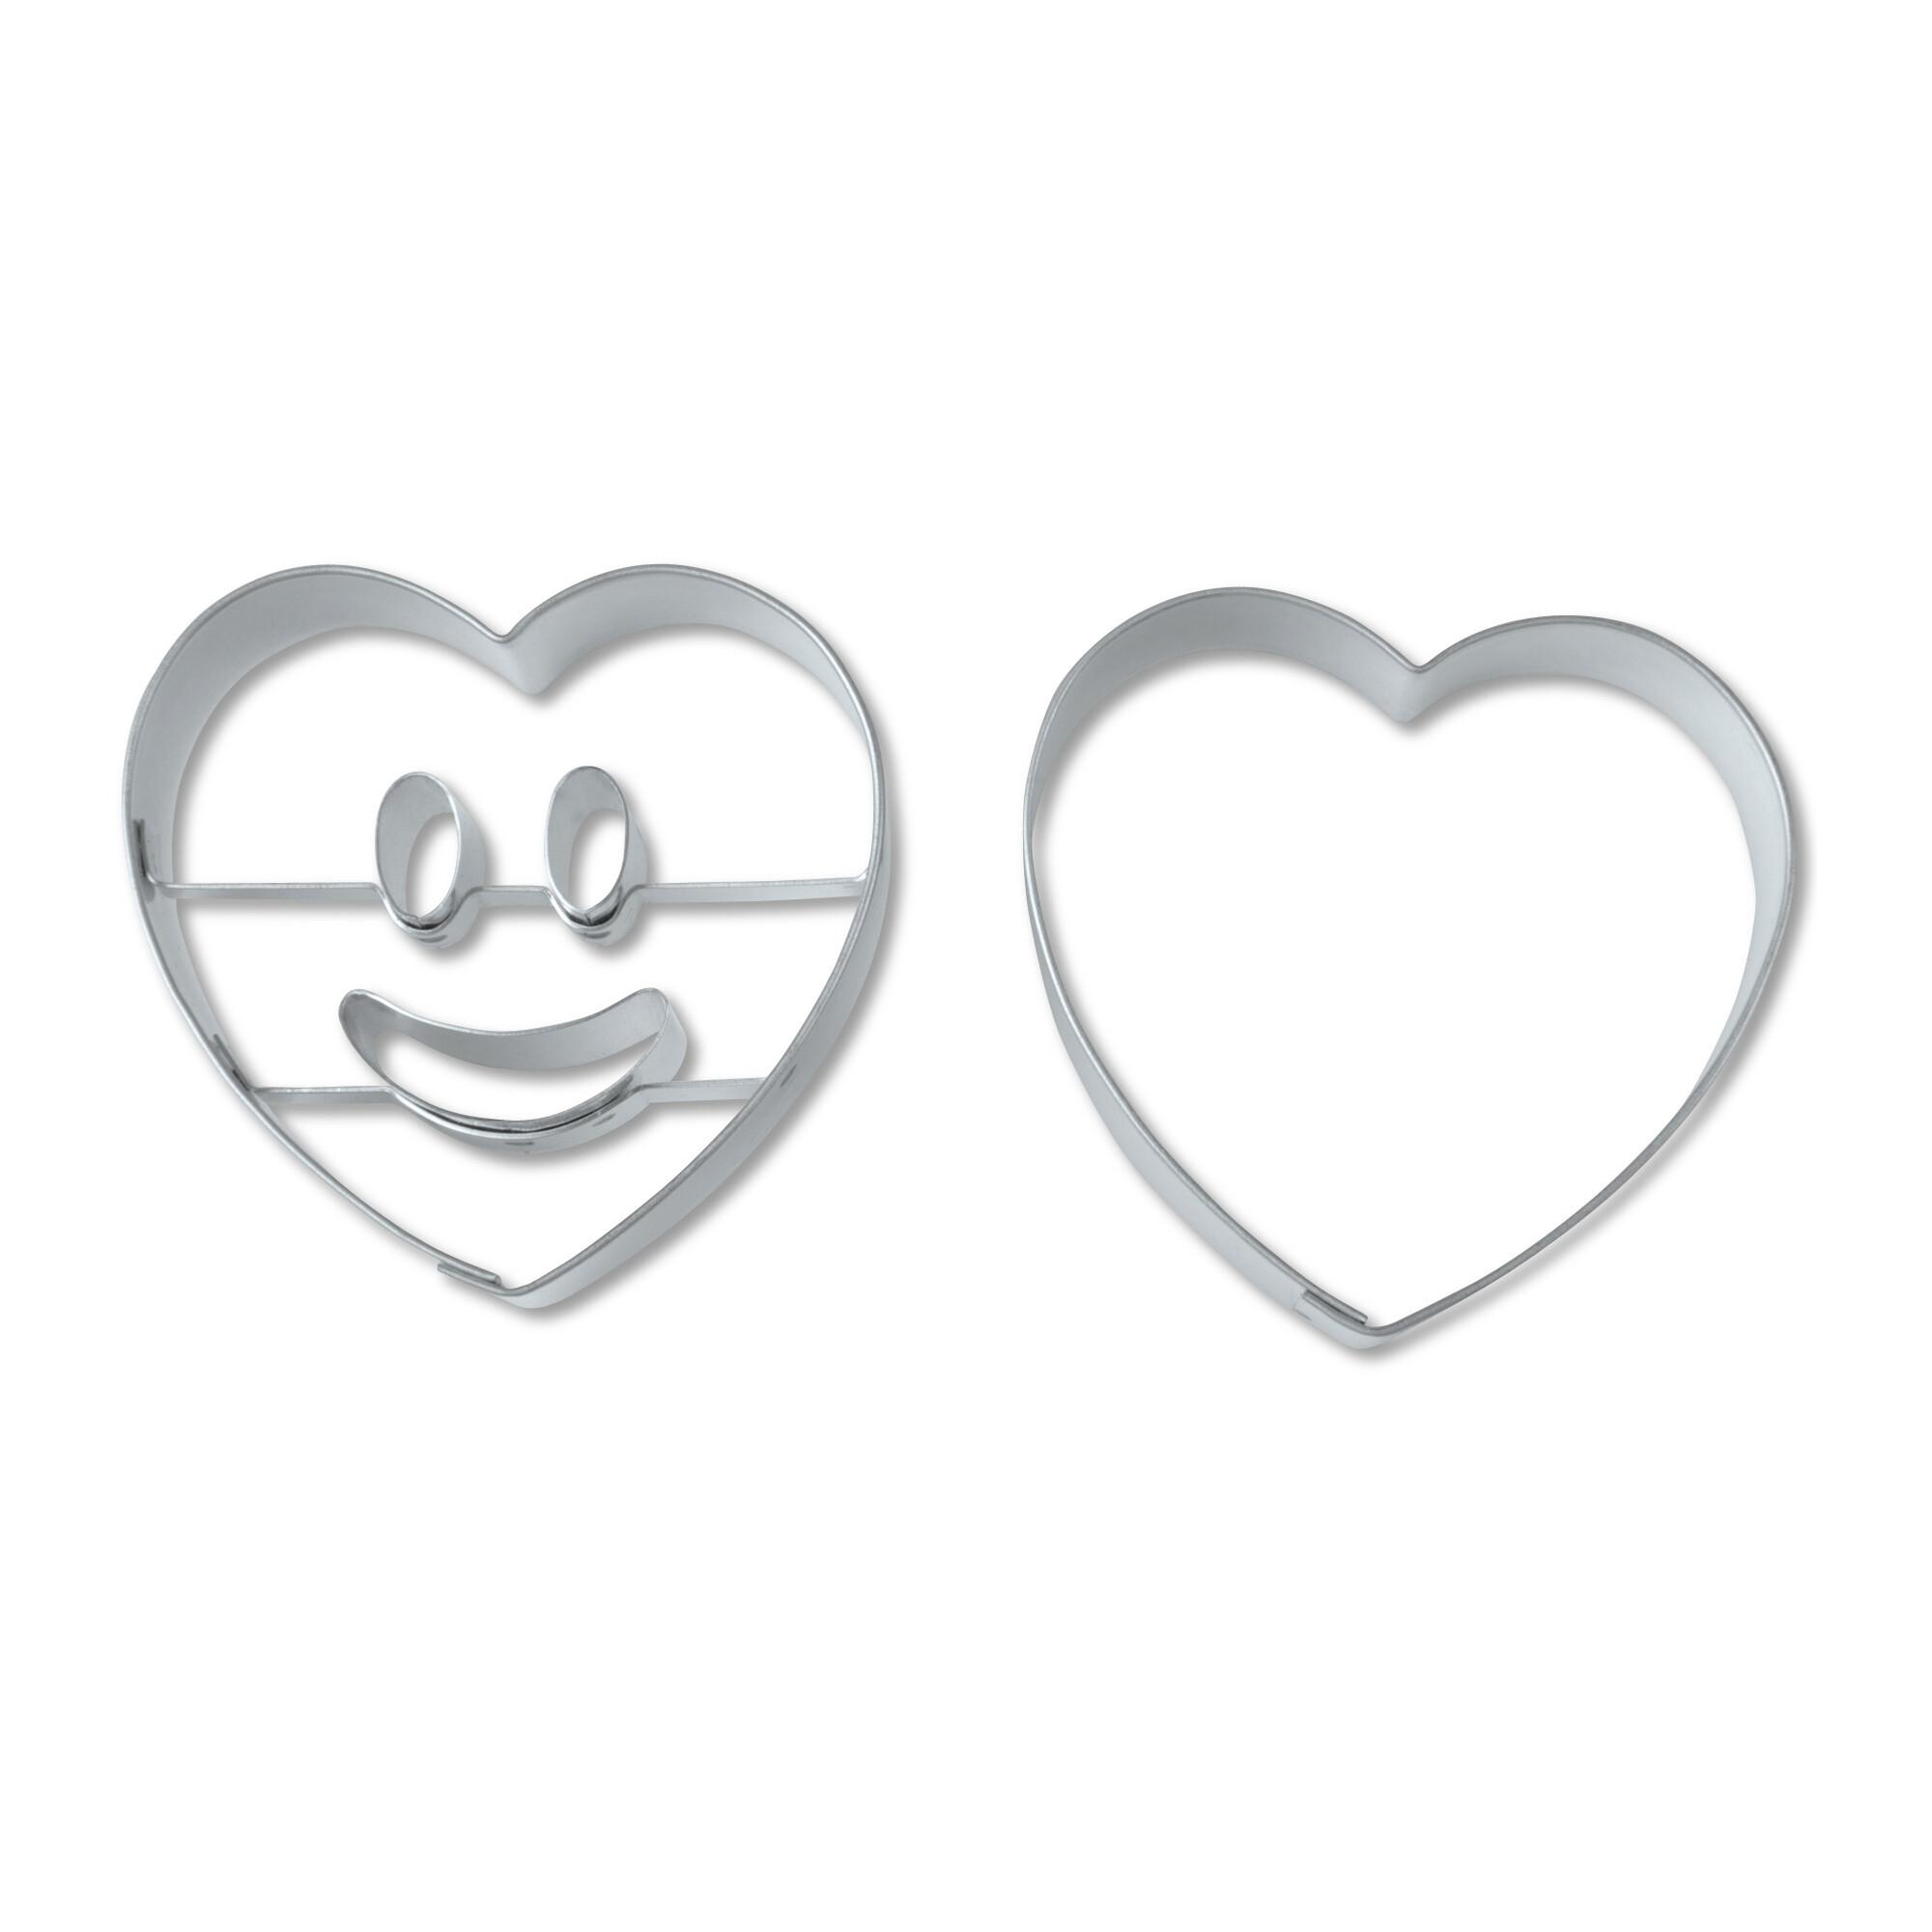 Präge-Ausstecher - Lachendes Herz - Set, 2-teilig